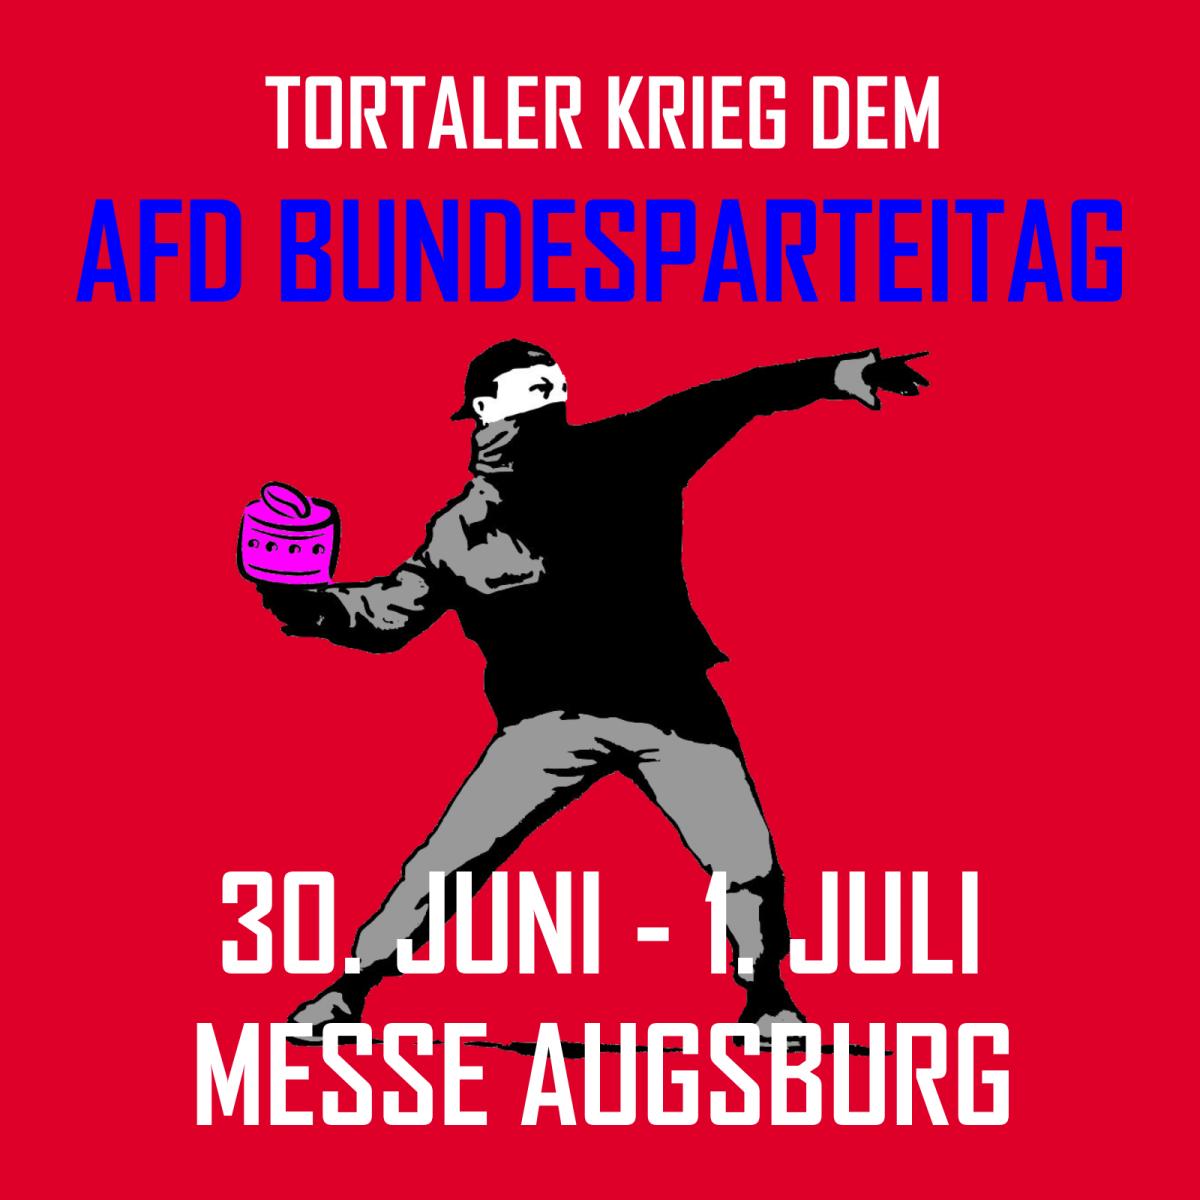 AfD-Bundesparteitag 2018 voraussichtlich am 30.06/01.07. in Augsburg